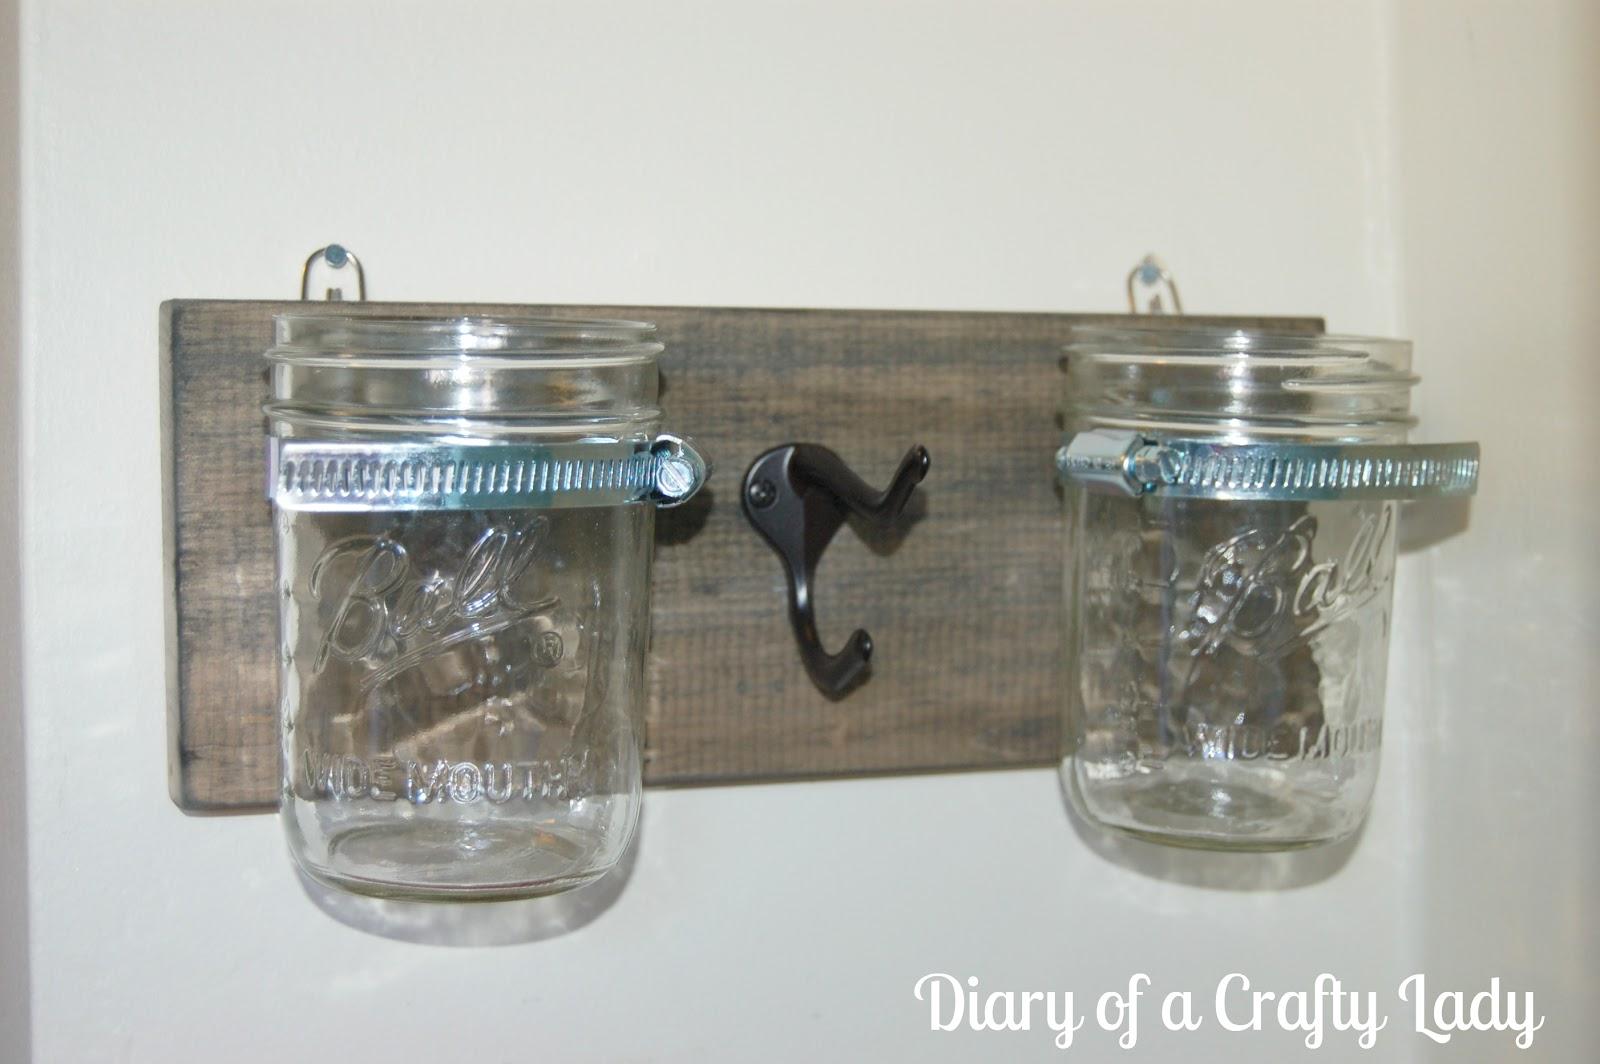 Diary of a crafty lady mason jar wall holder for Mason jar holder ideas